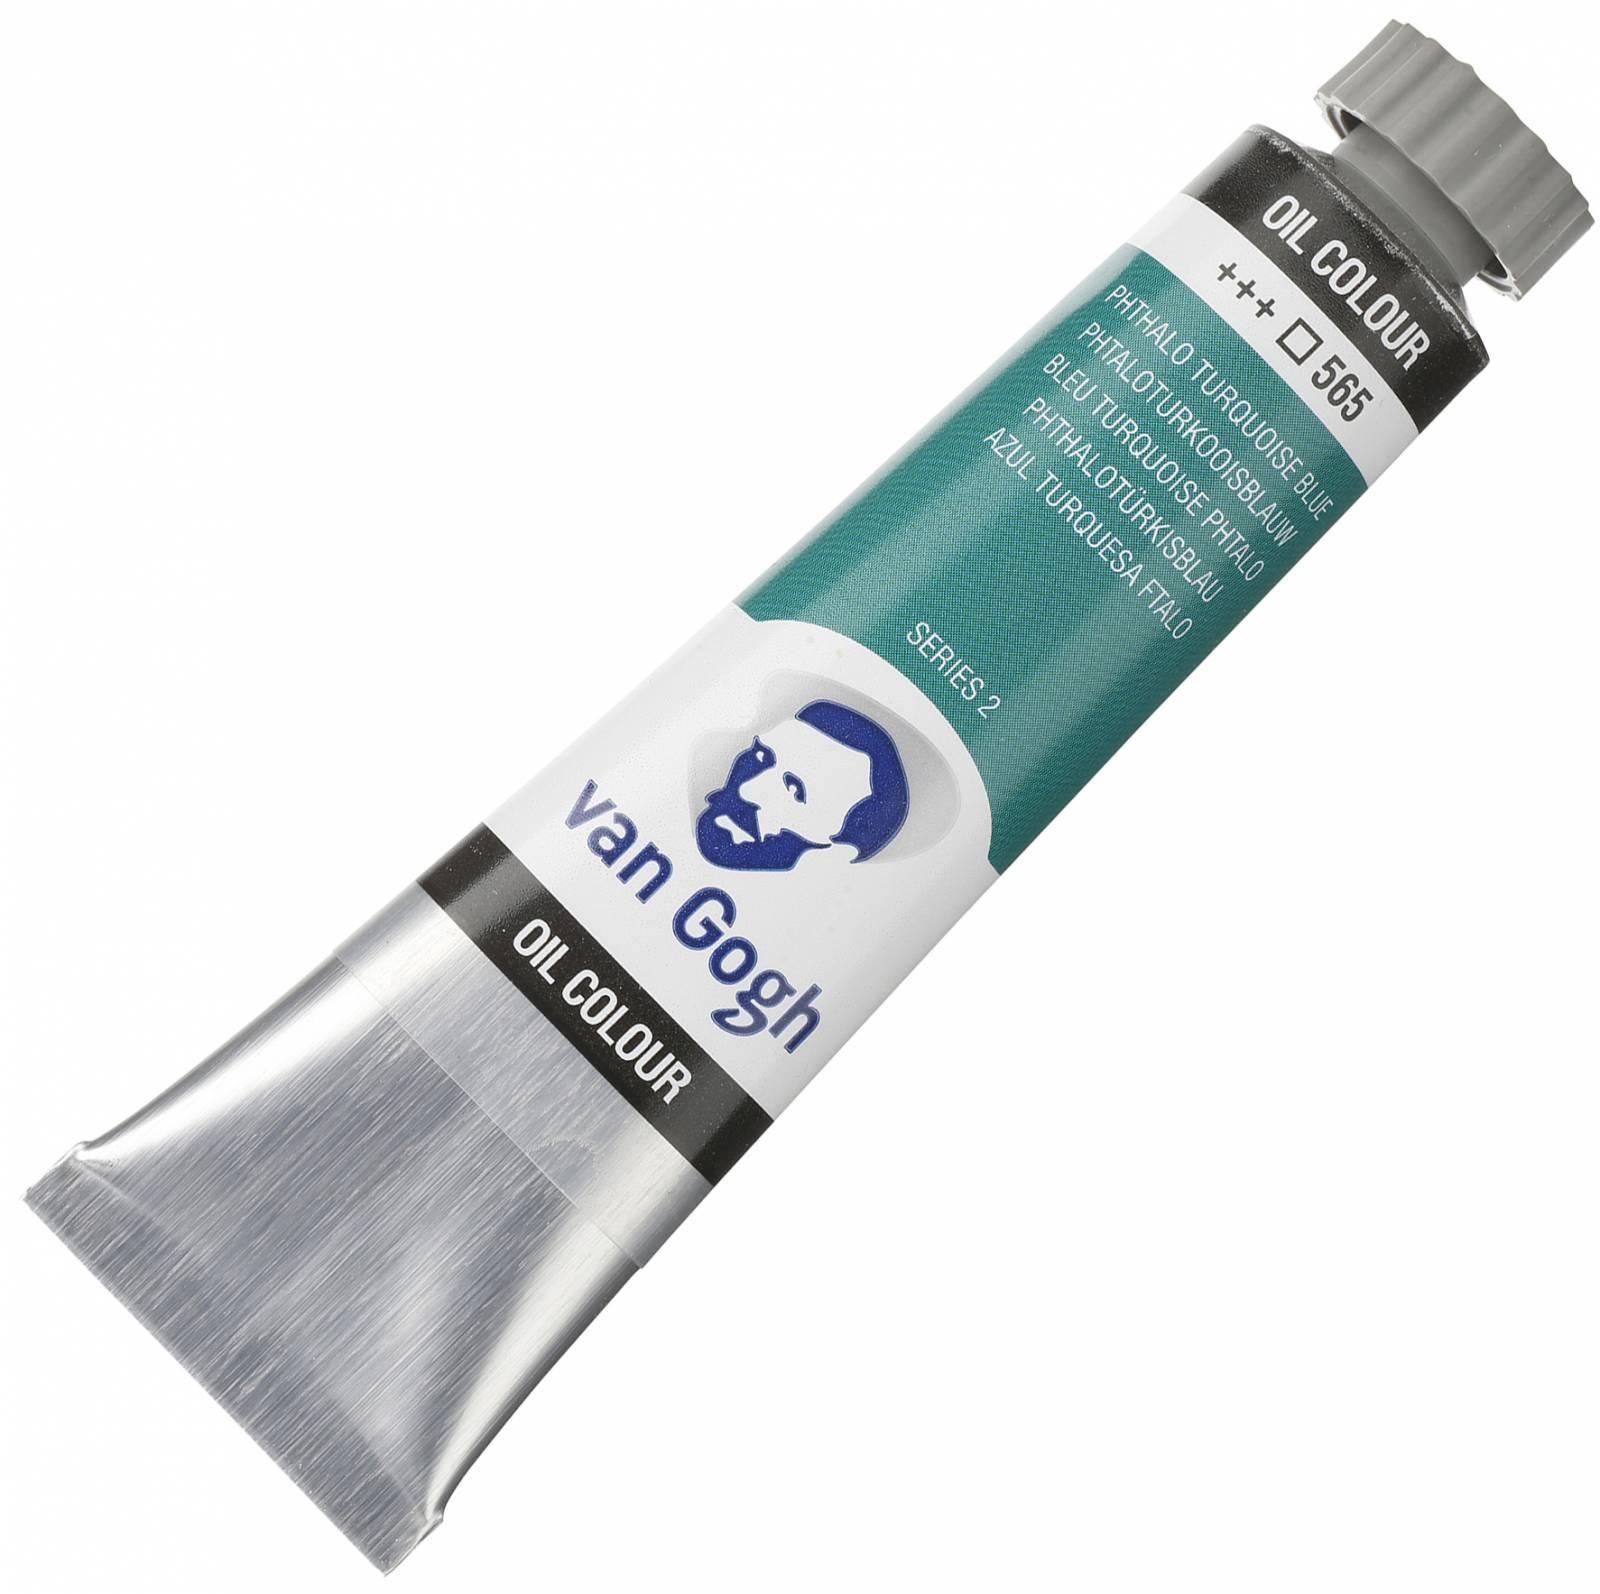 Oleo Van Gogh Phthalo turq. Blue +++565 - serie 2 - Tubo 20ml - Papelaria Botafogo